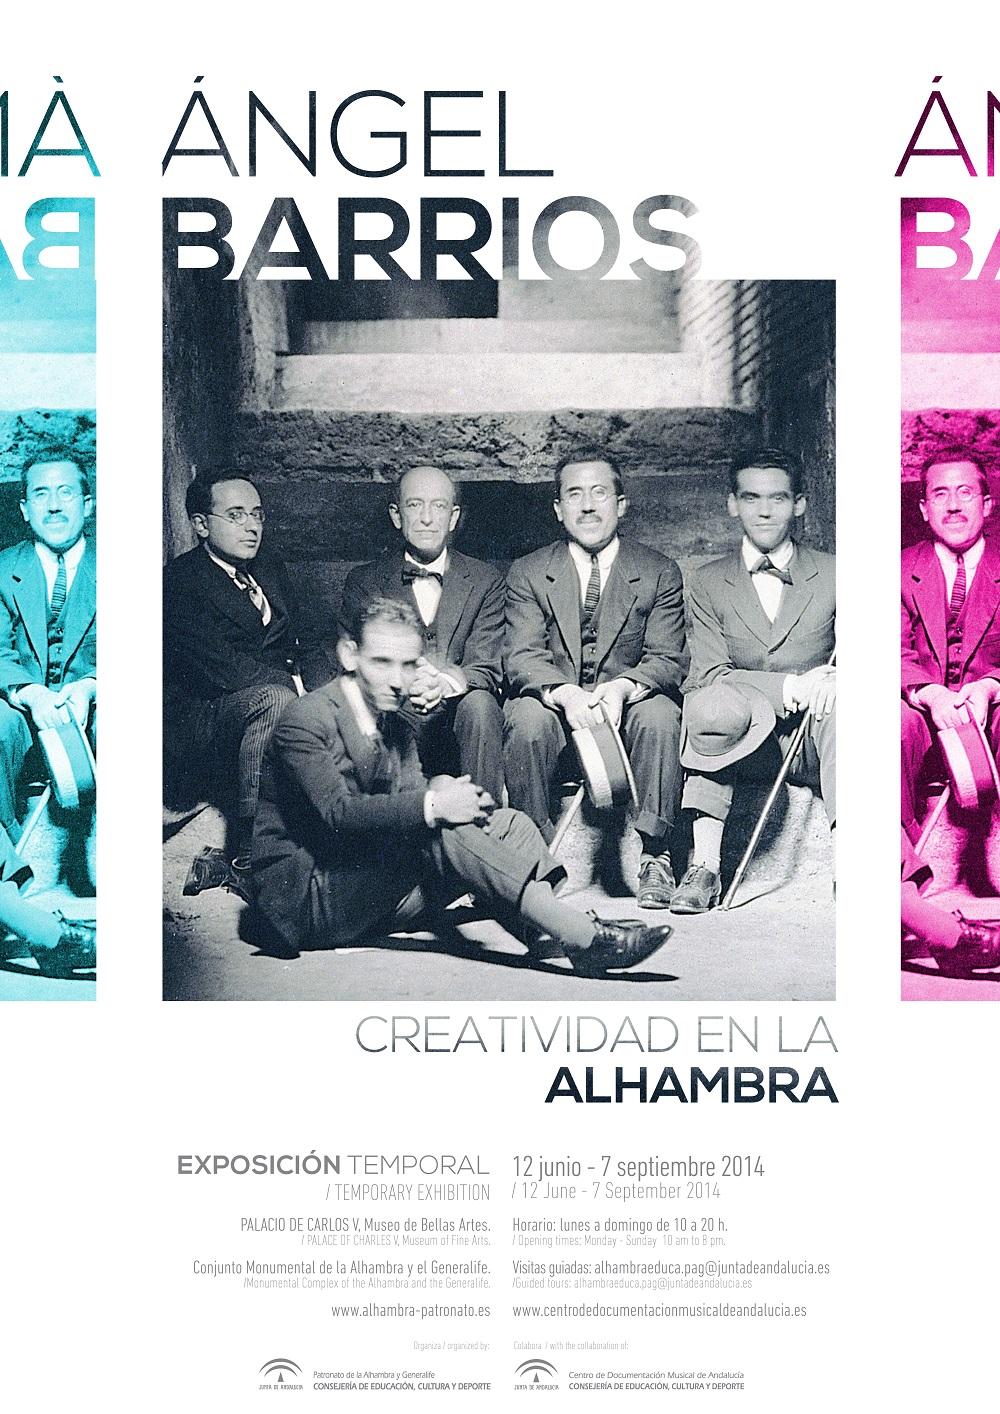 Creatividad en la Alhambra y visitas guiadas gratuitas con música en directo